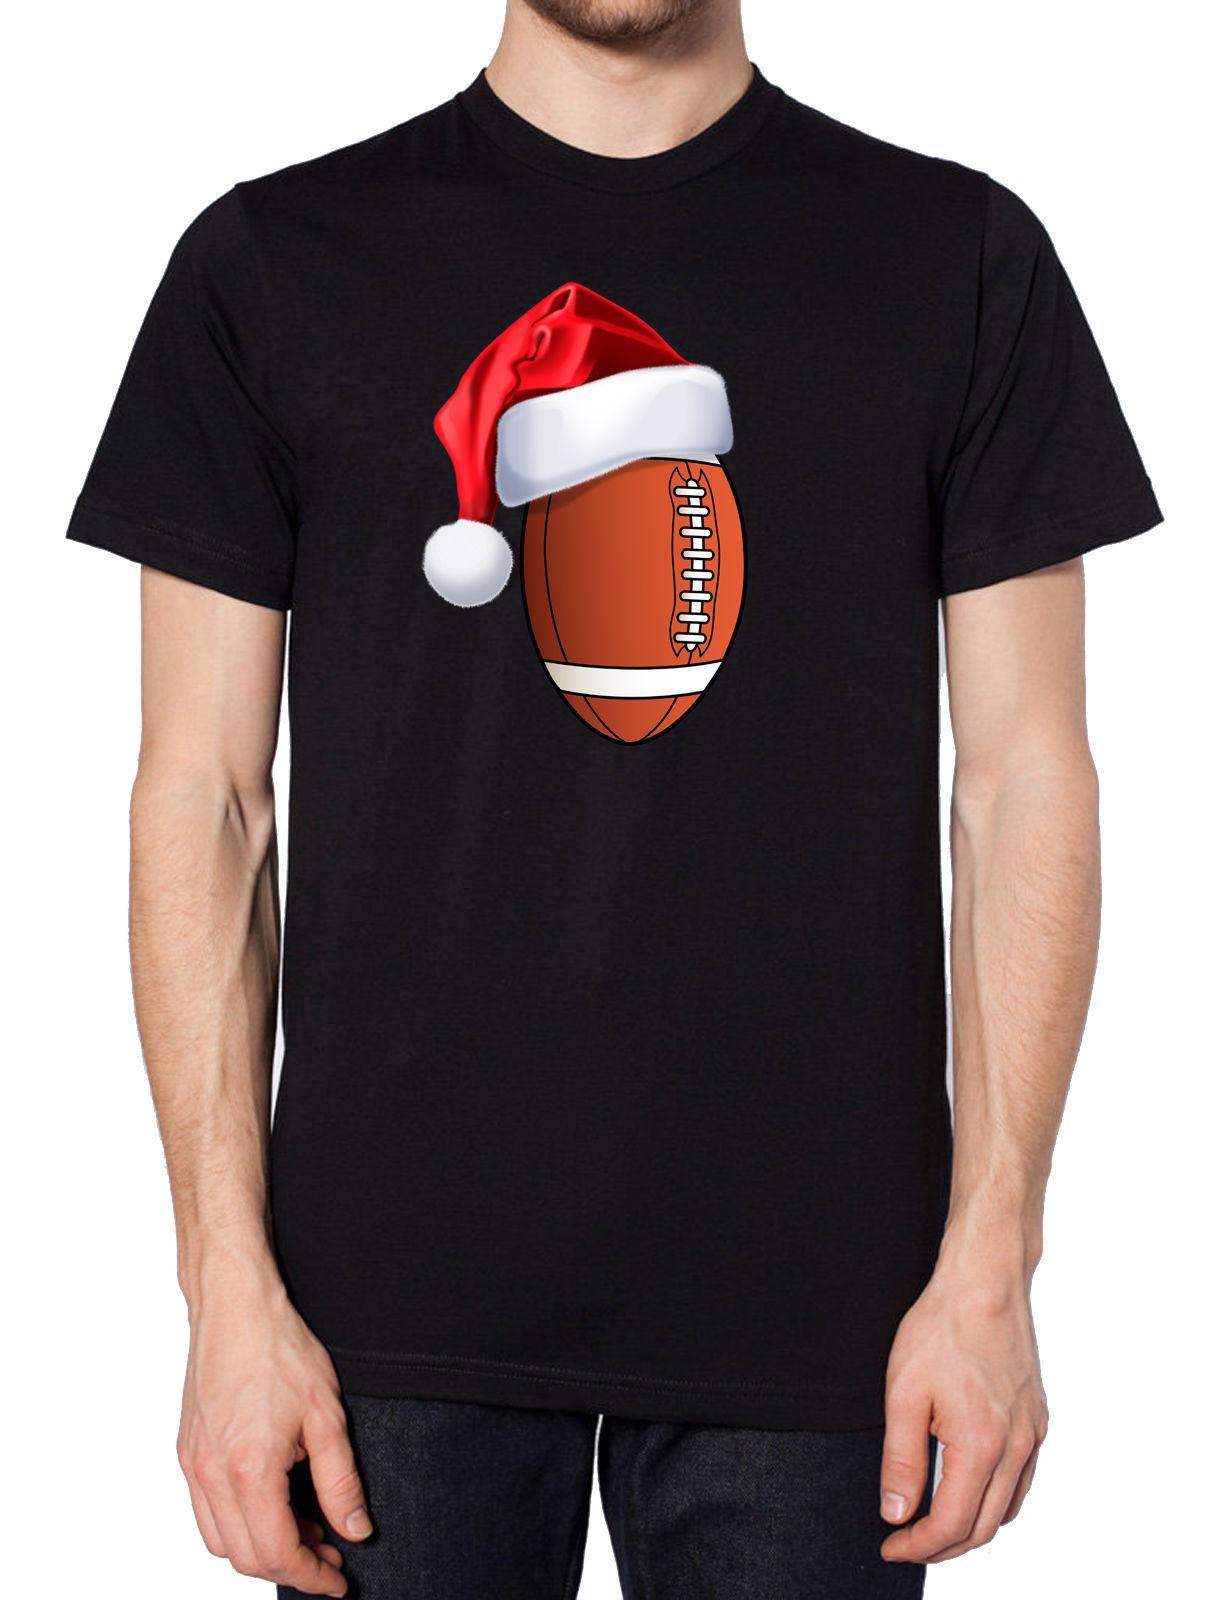 Compre Futebol Americano De Natal Chapéu De Papai Noel T Camisa Esportista  Festa Festiva Novidade Legal Casual Pride Camiseta Homens Unisex Nova Moda  De ... a58ffd8e5de